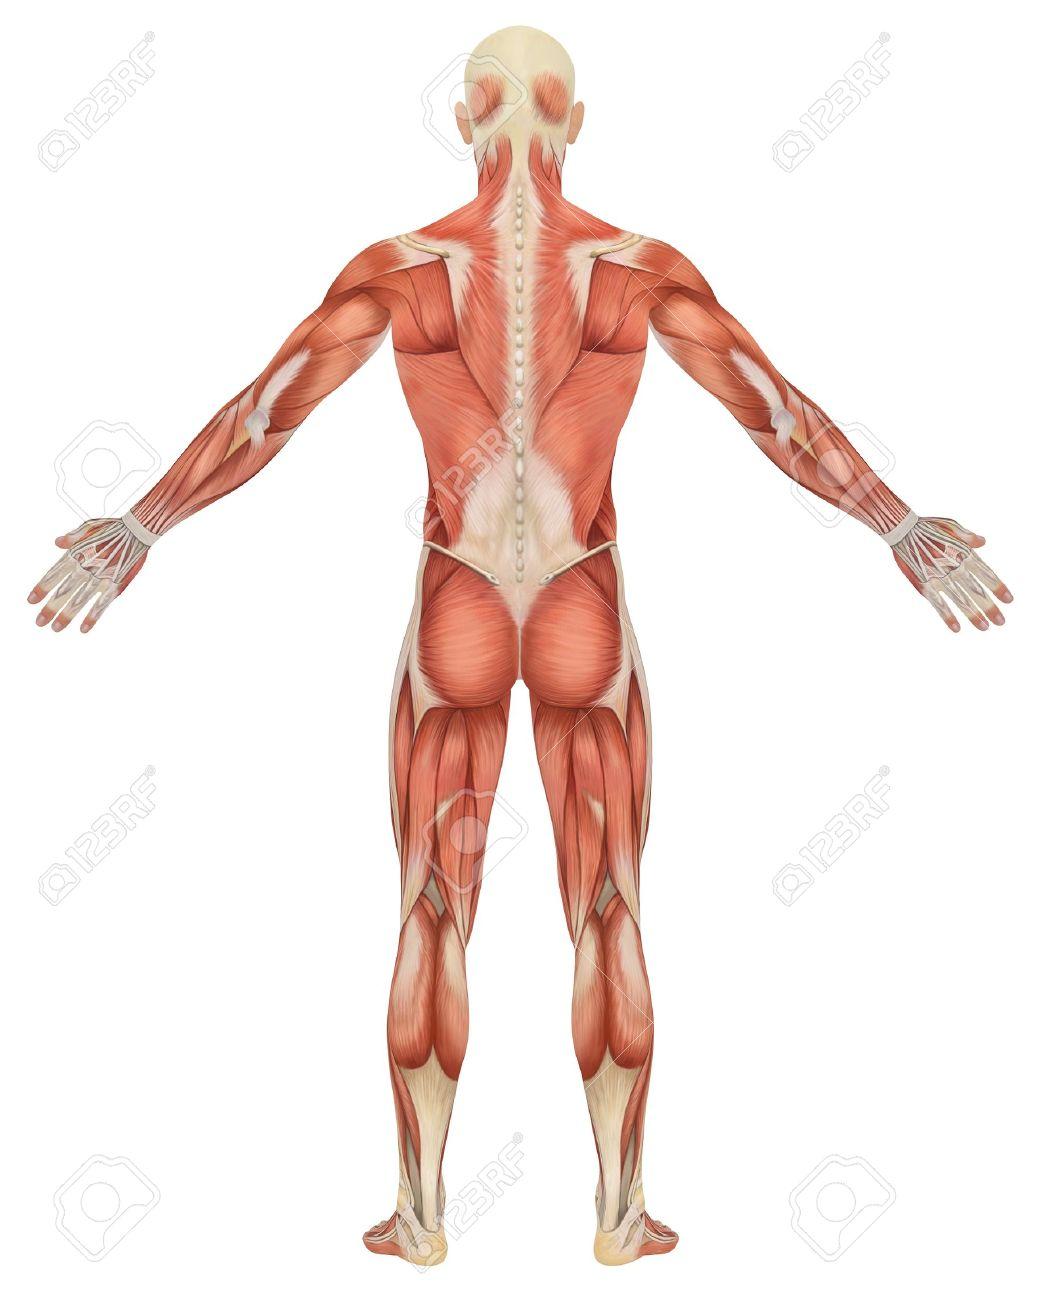 男性の筋肉の解剖学の背面図のイラスト非常に教育と詳細 の写真素材